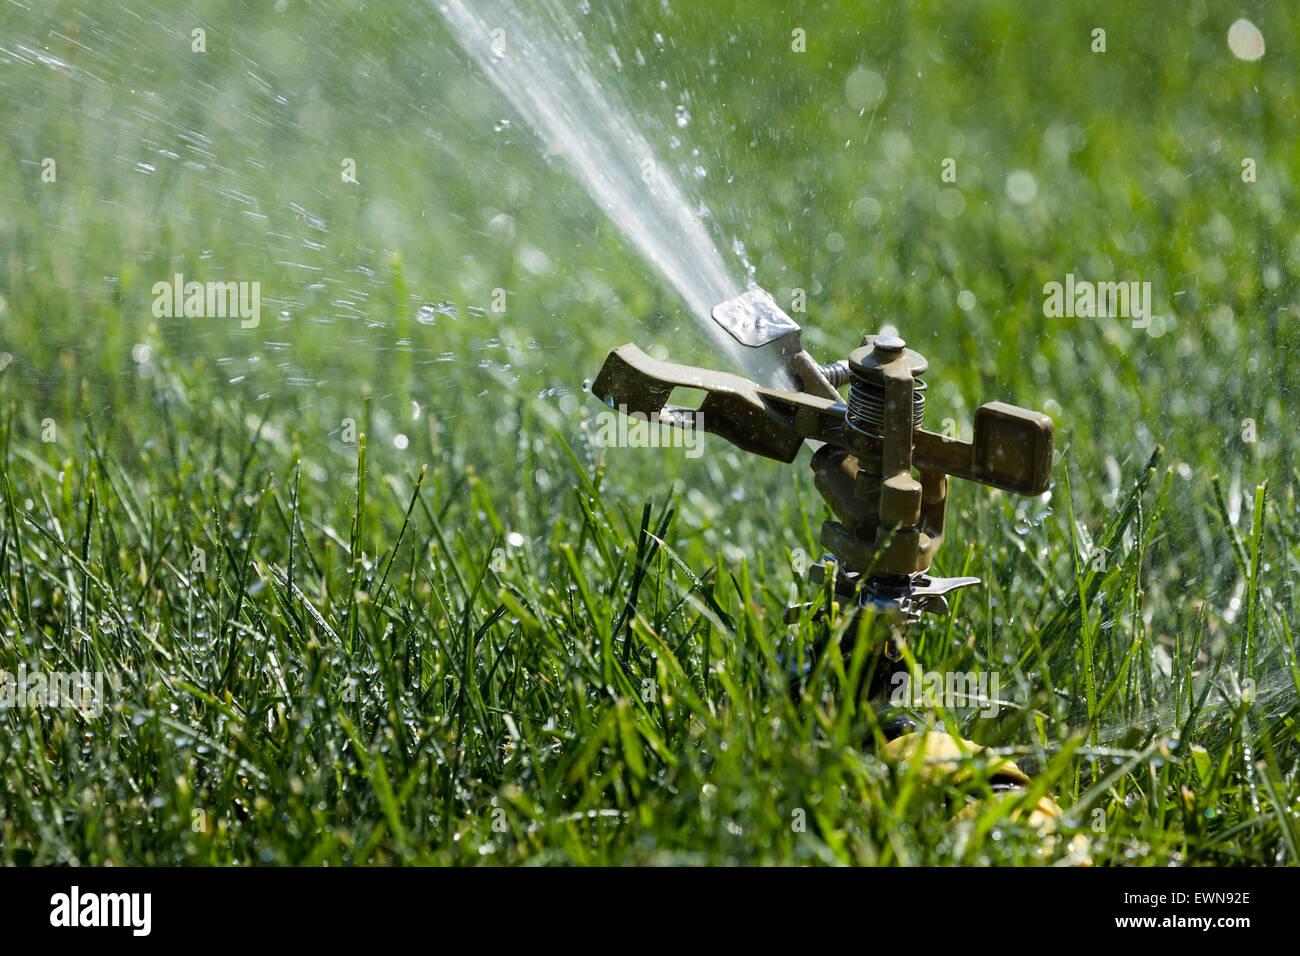 Erba Di Sprinkler Innaffiamento Automatico